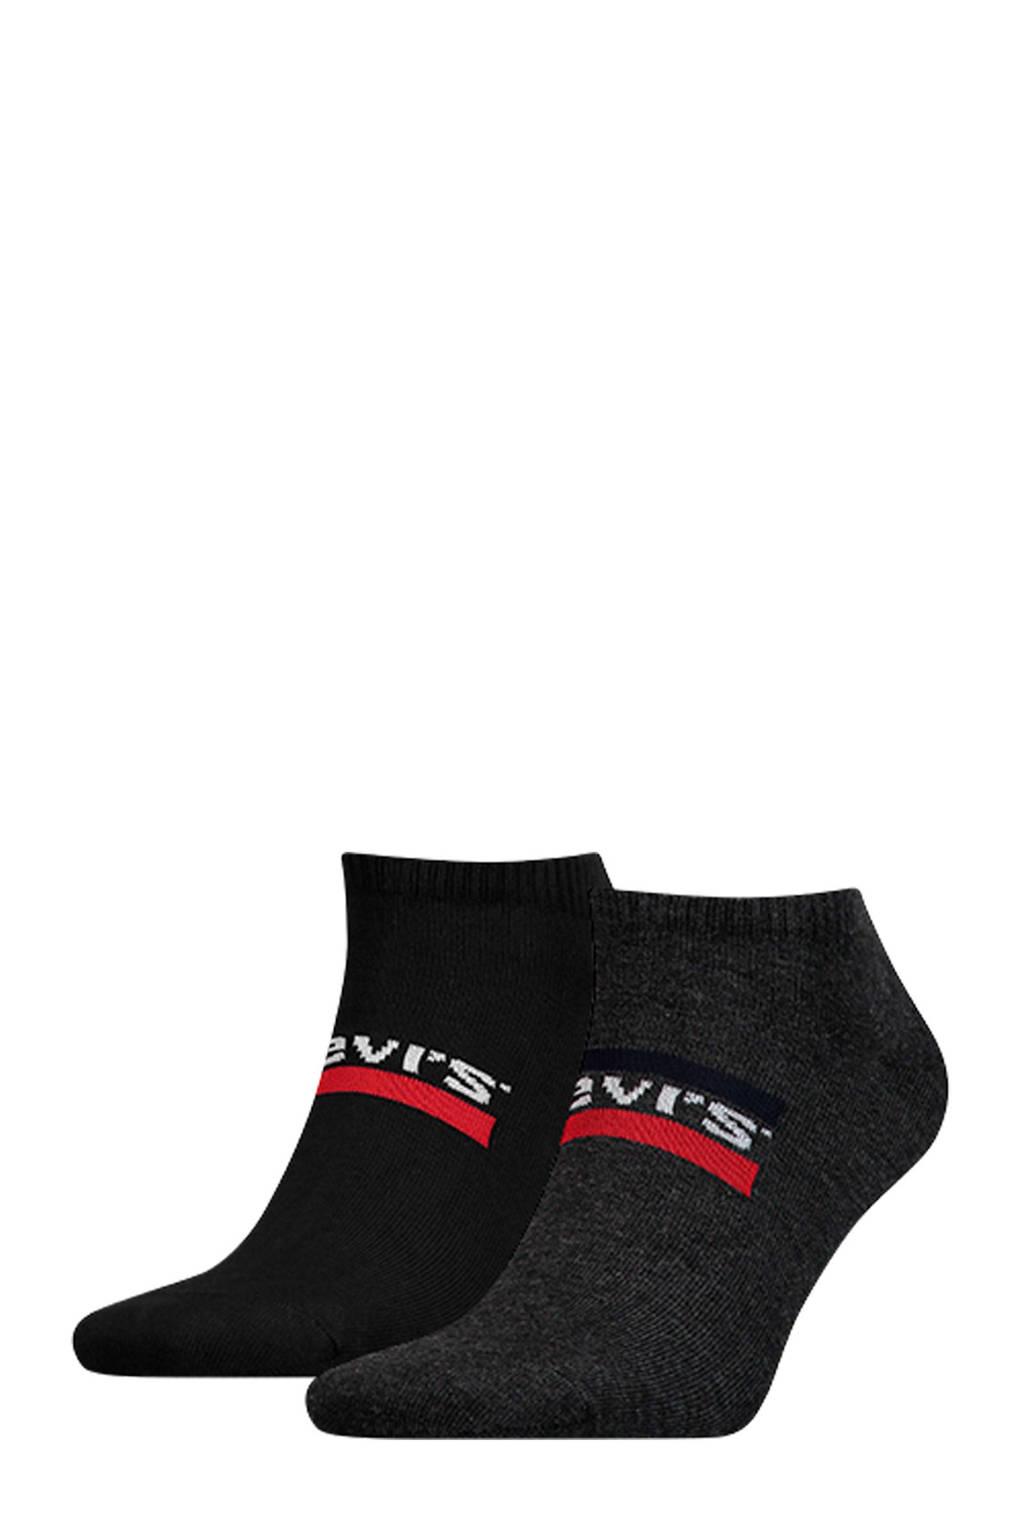 Levi's sneakersokken grijs/zwart ( set van 2), Grijs/zwart